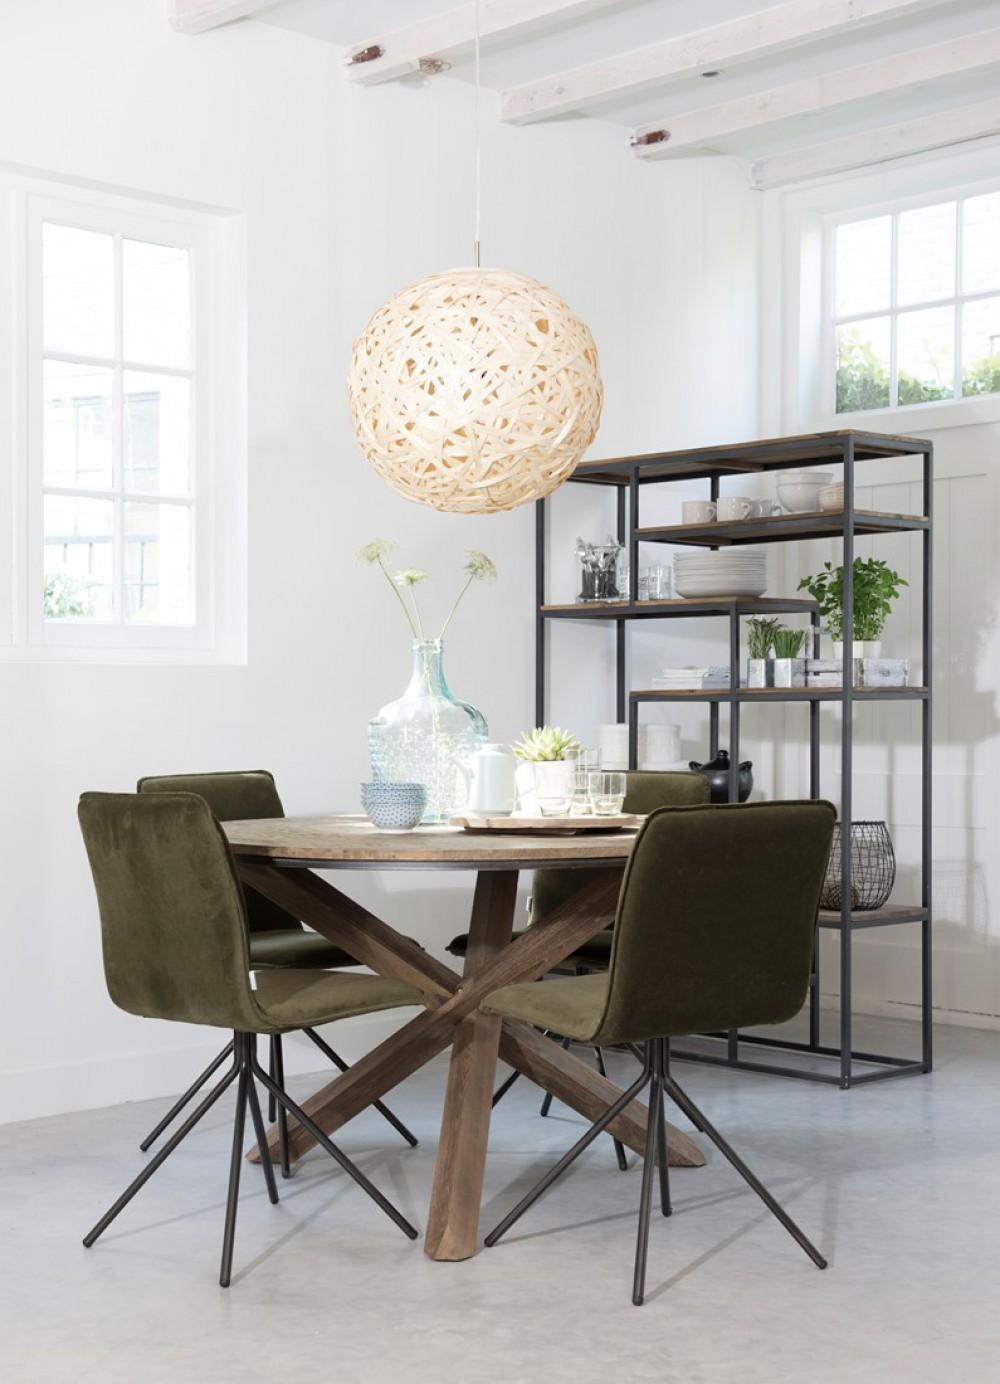 runder tisch holz massiv esstisch rund tisch im landhausstil durchmesser 160 cm. Black Bedroom Furniture Sets. Home Design Ideas